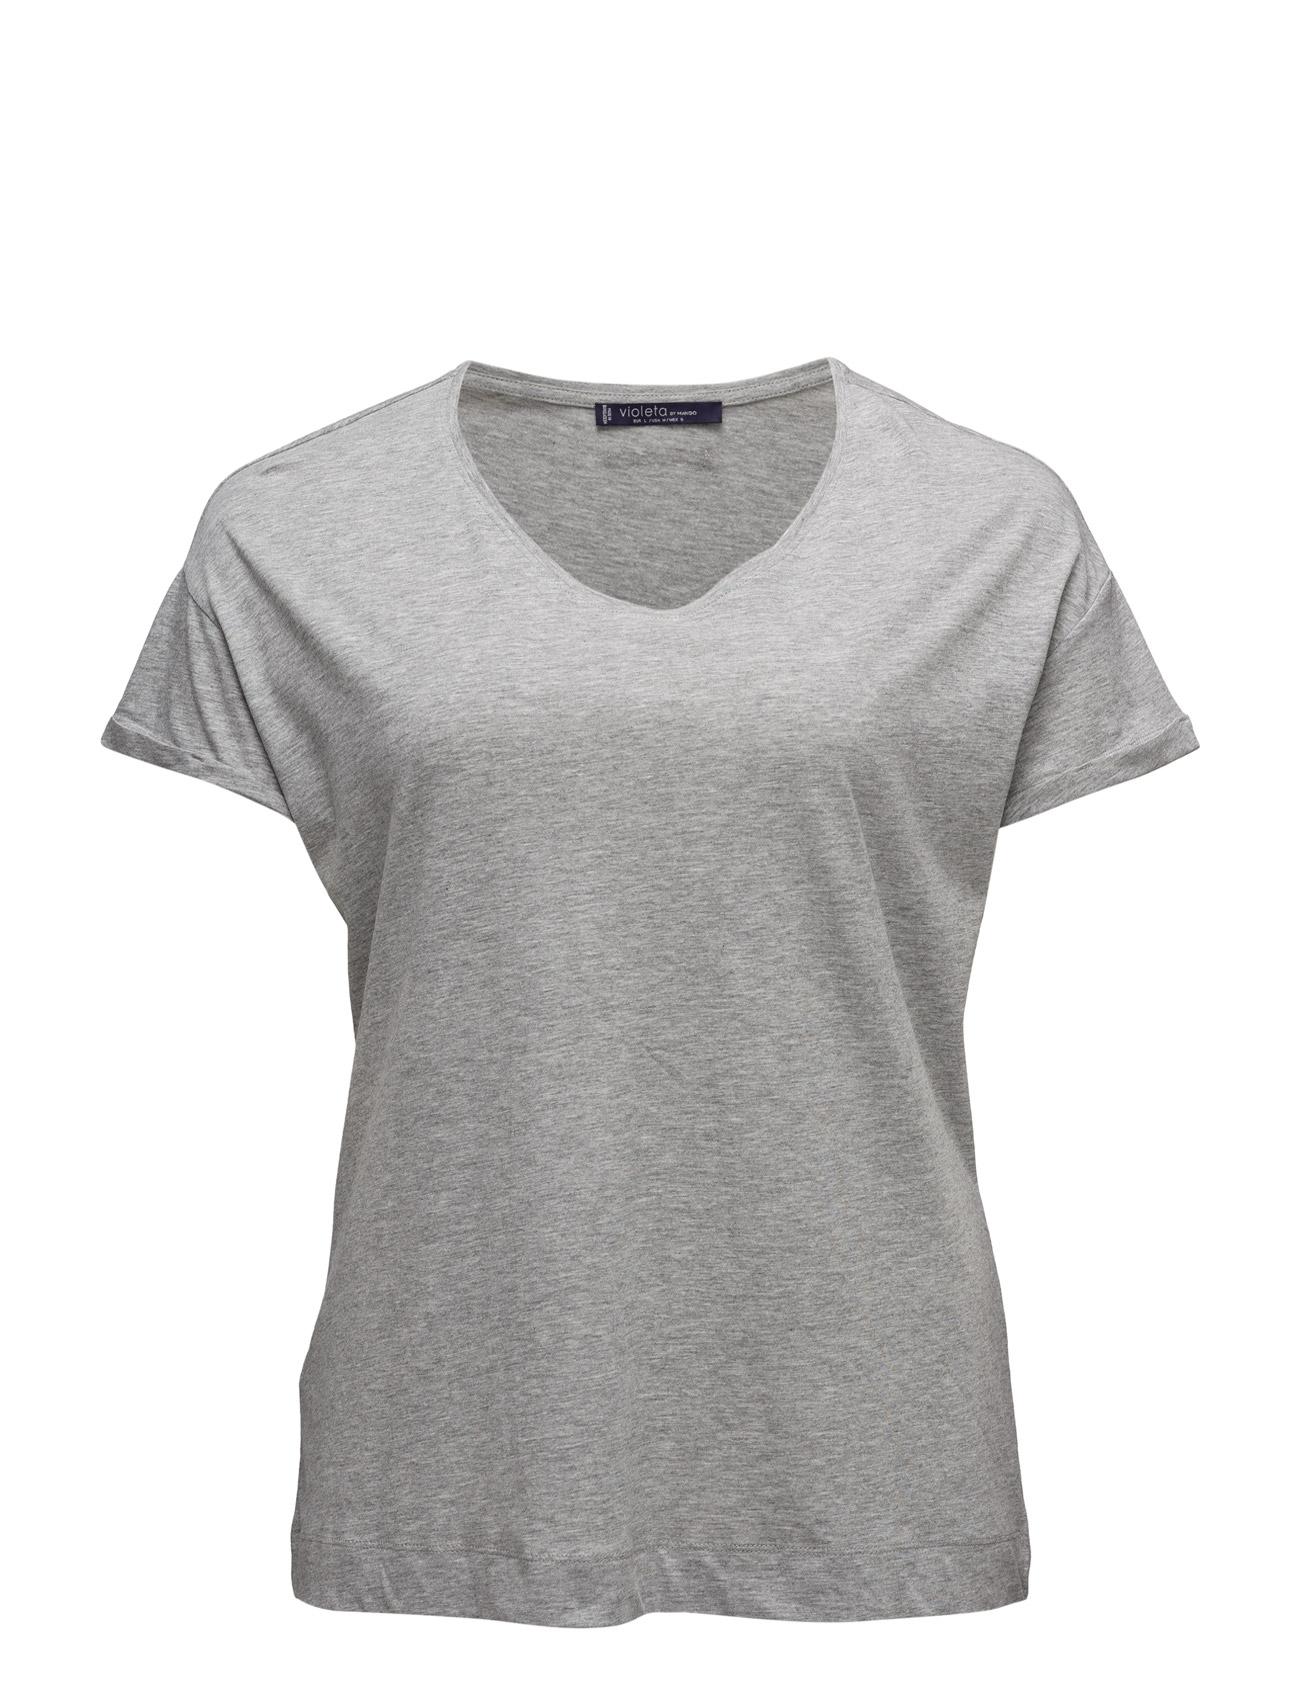 Essential Cotton T-Shirt Violeta by Mango Kortærmede til Kvinder i Mellem grå